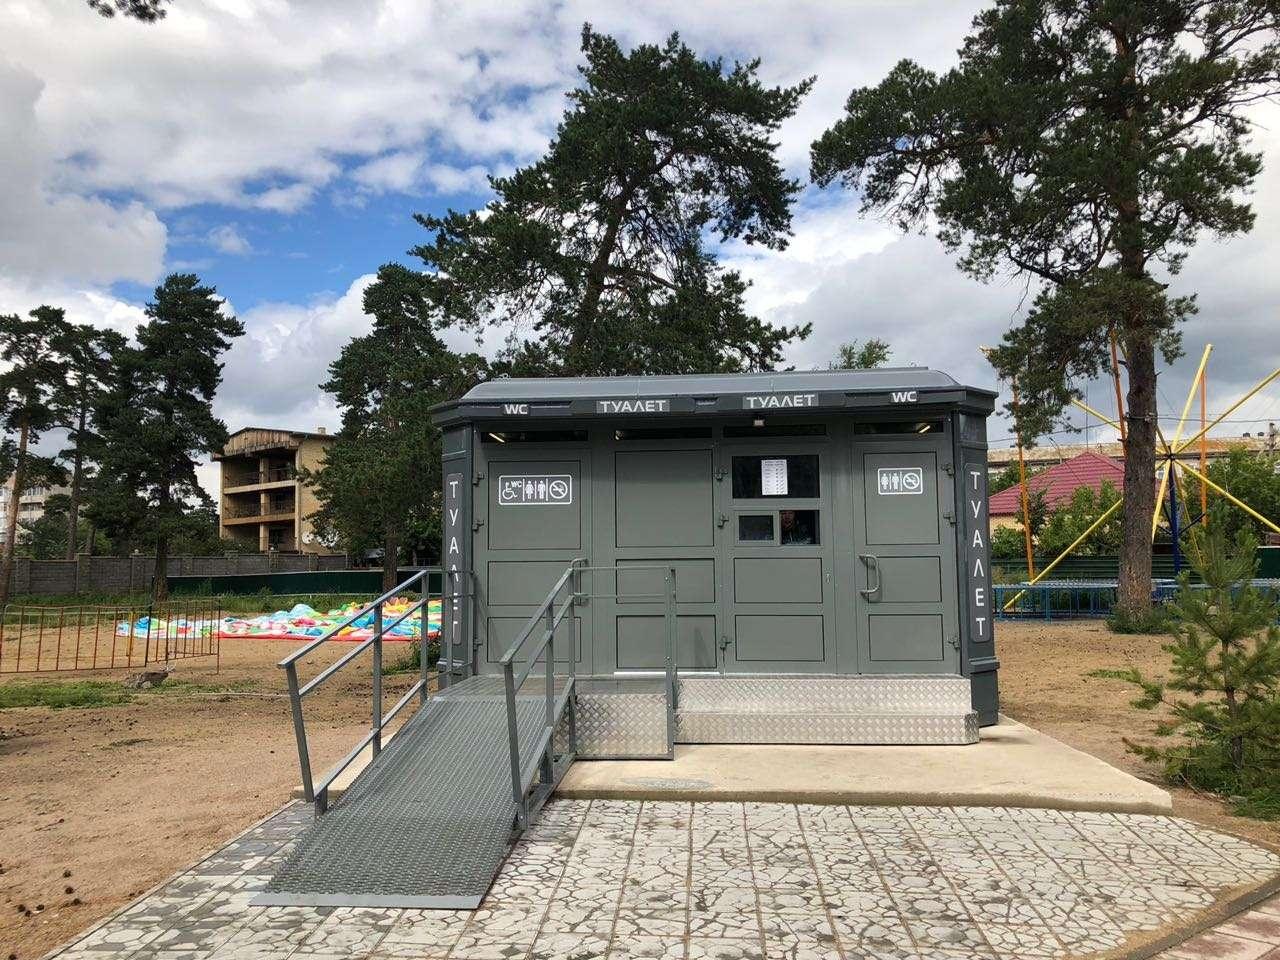 Современные и комфортные туалеты устанавливают на территории курортной зоны